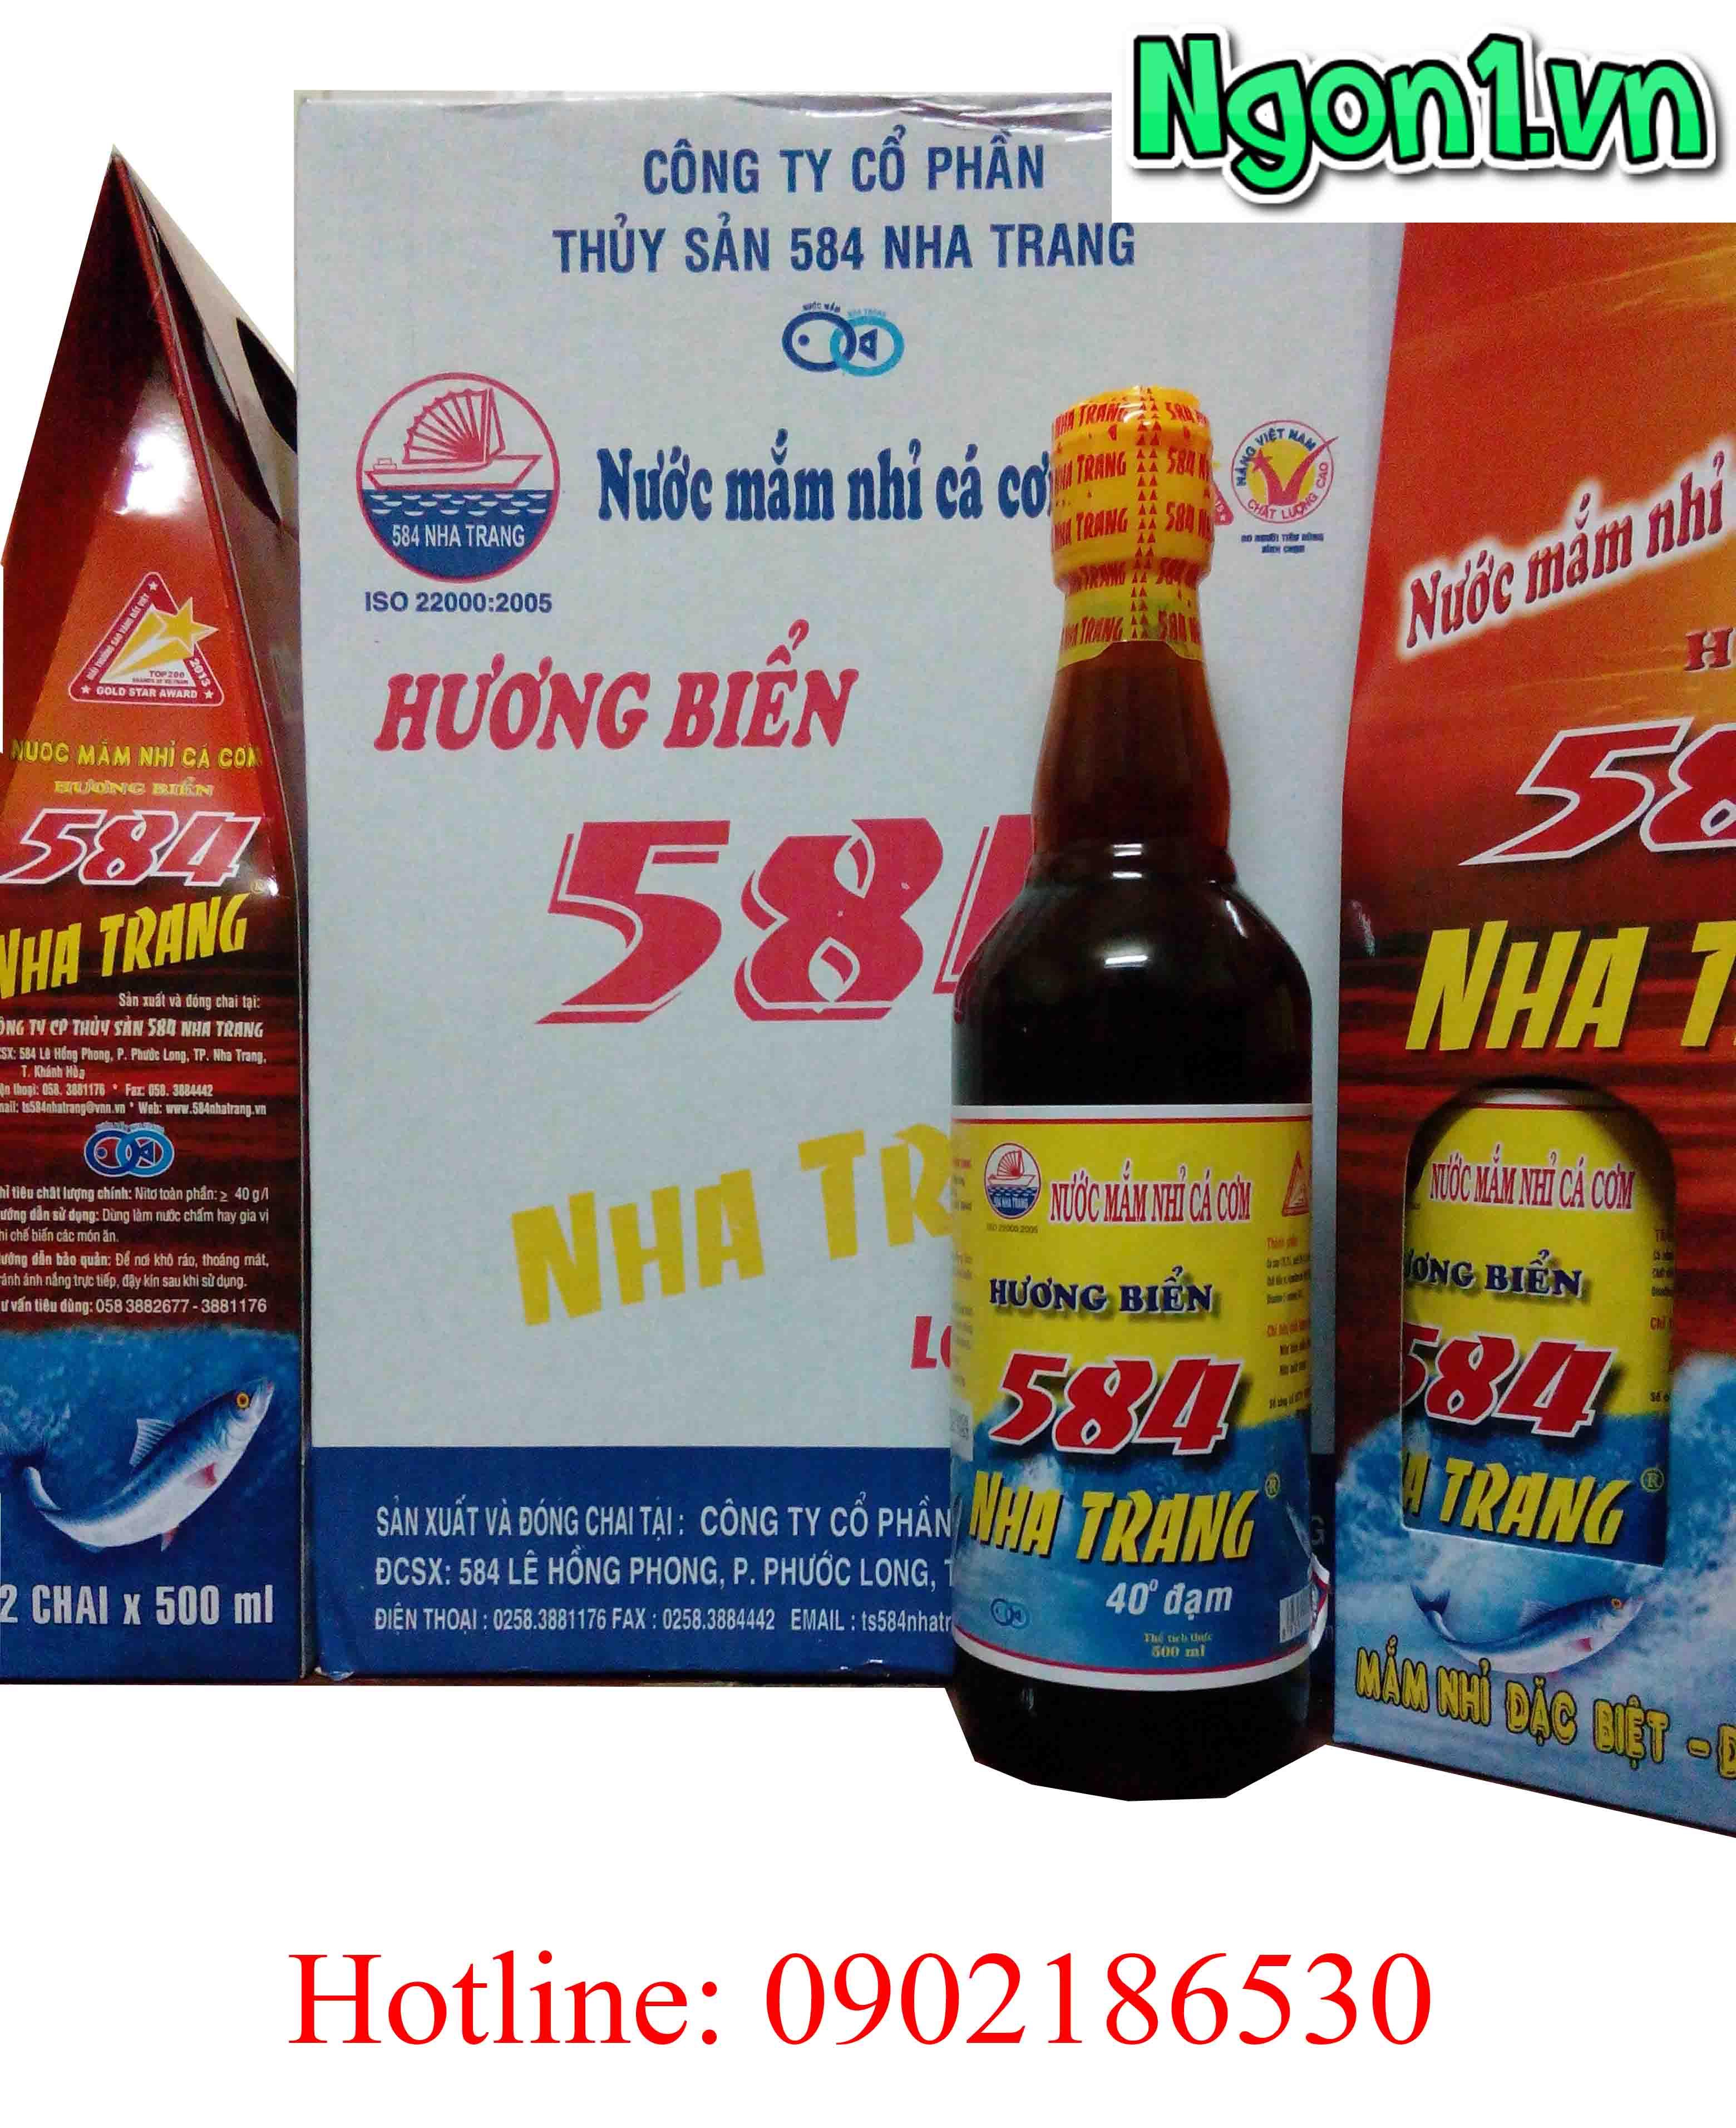 Nước Mắm 584 Nha Trang 40 độ đạm ngon nhất Hà Nội